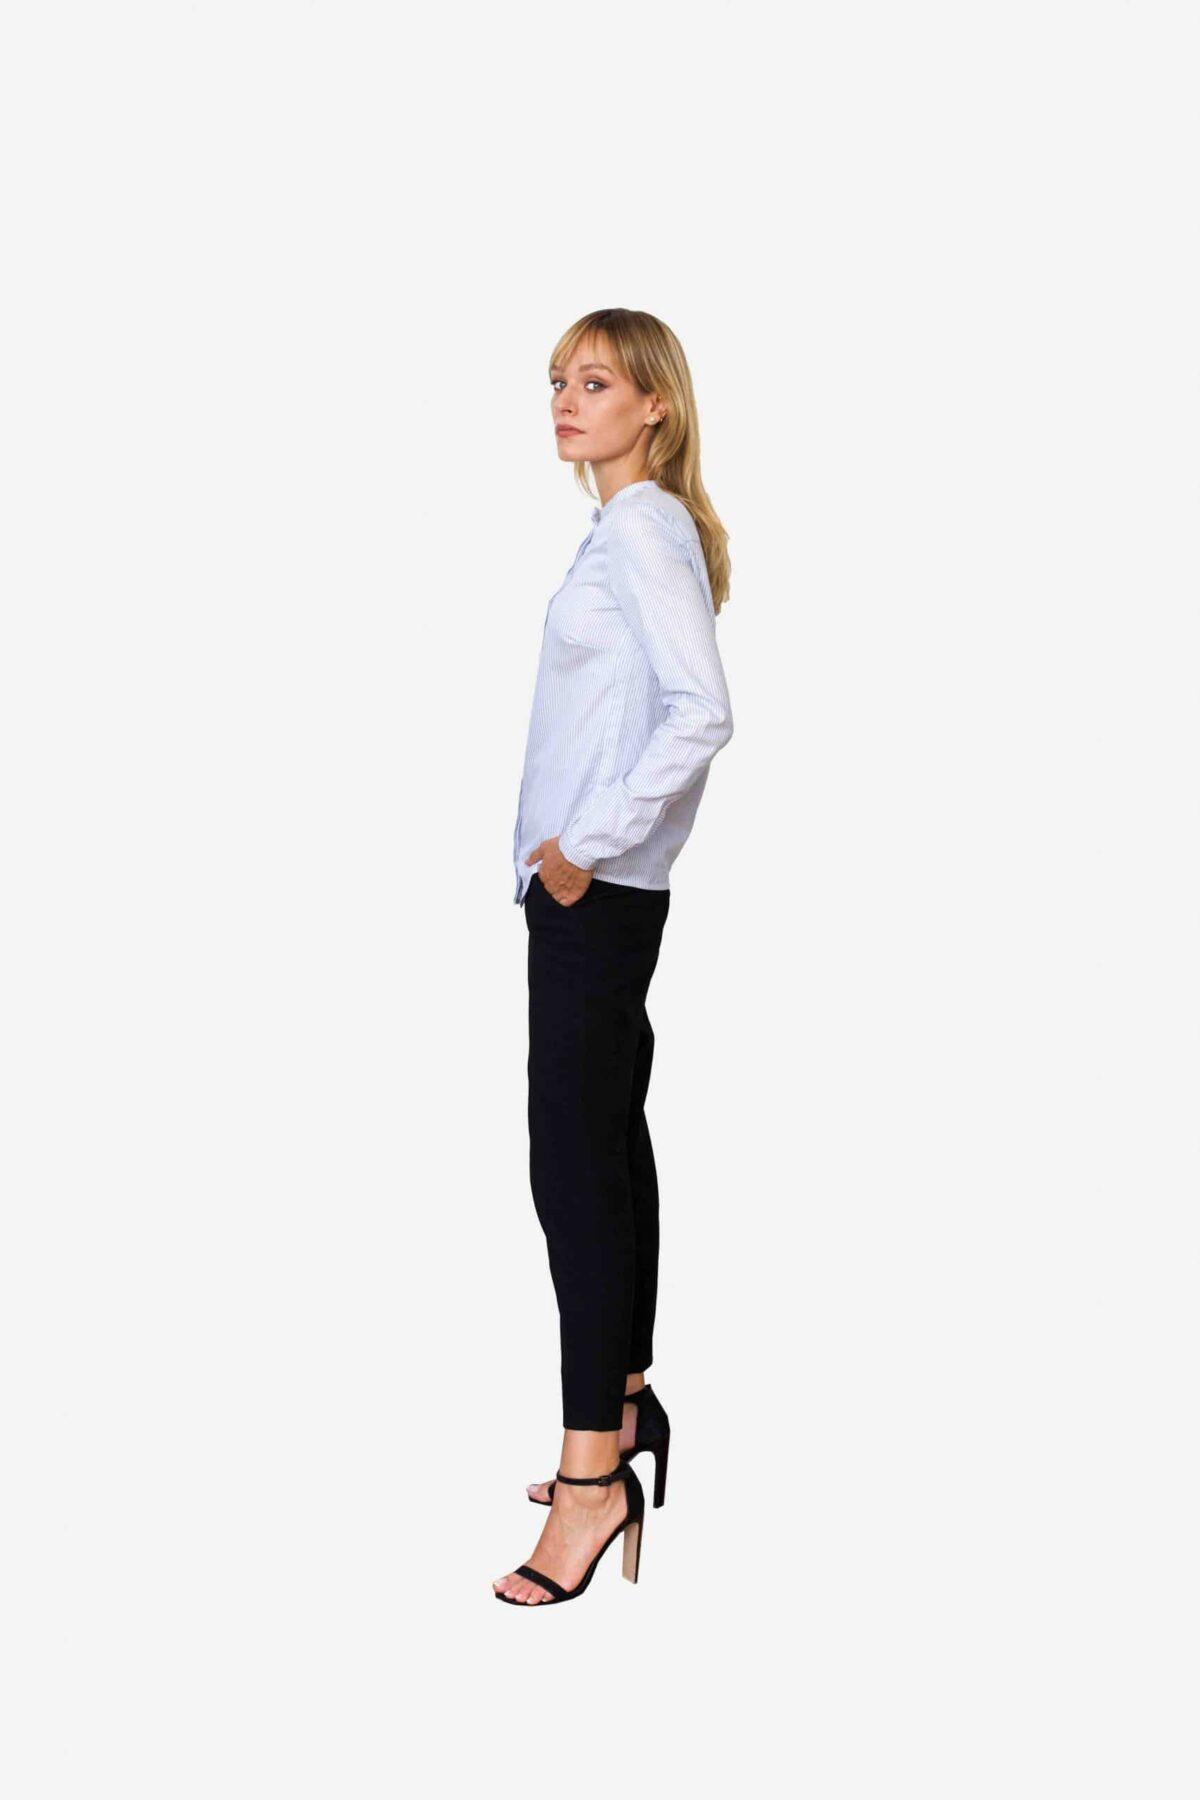 Bluse Estelle von SANOGE. Blau weiß gestreifte Business Bluse mit schmalem Stehkragen. Slim Fit.